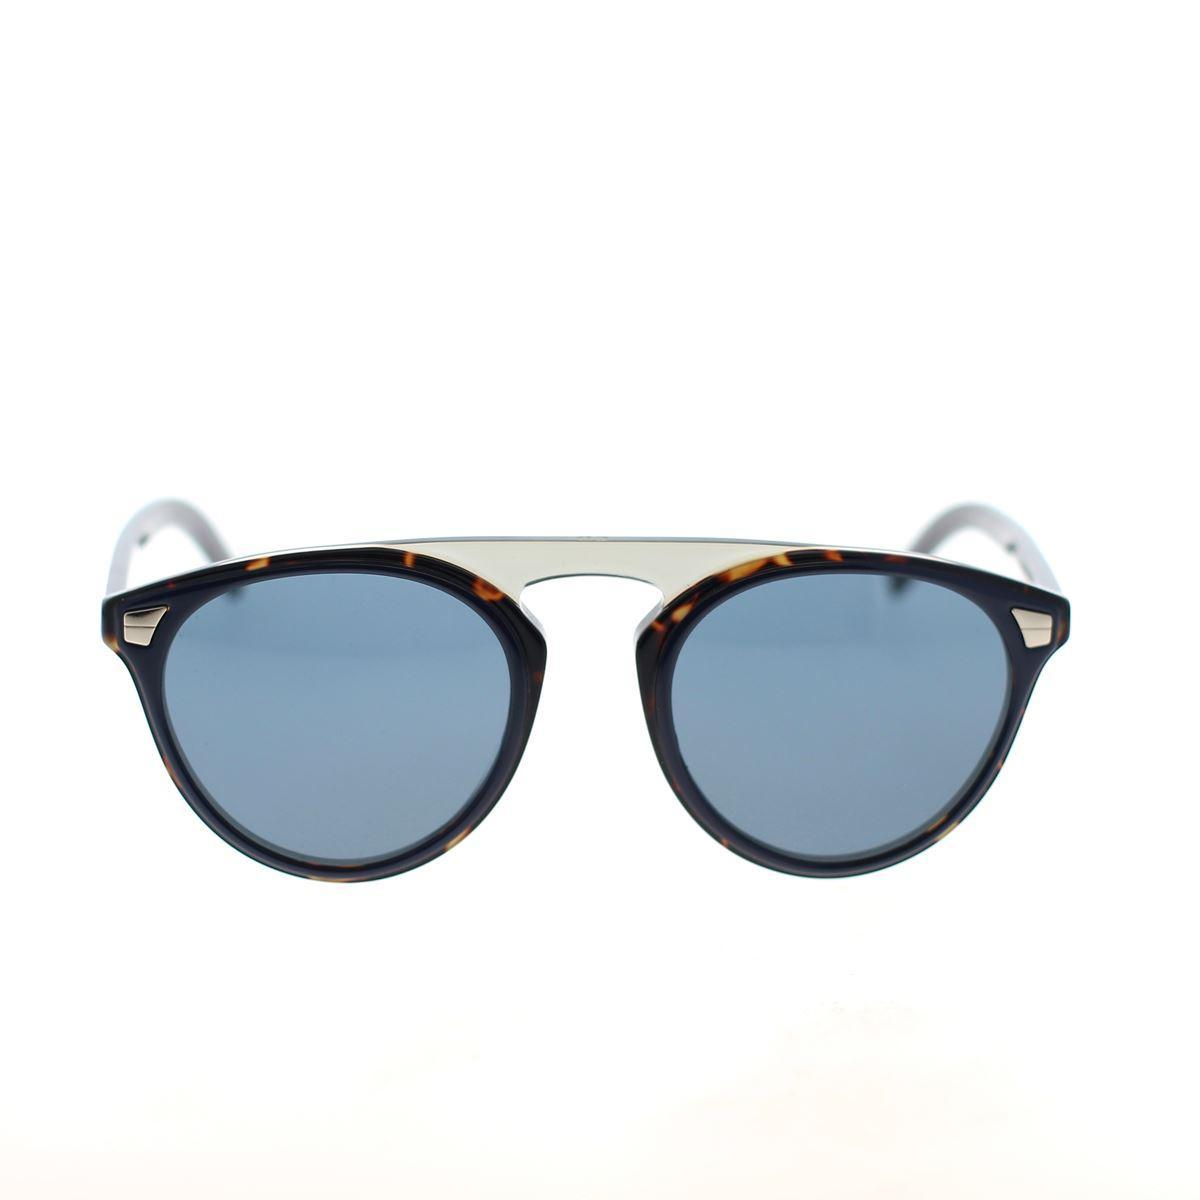 Christian Dior Occhiali da Sole Tailoring2 IPRKU